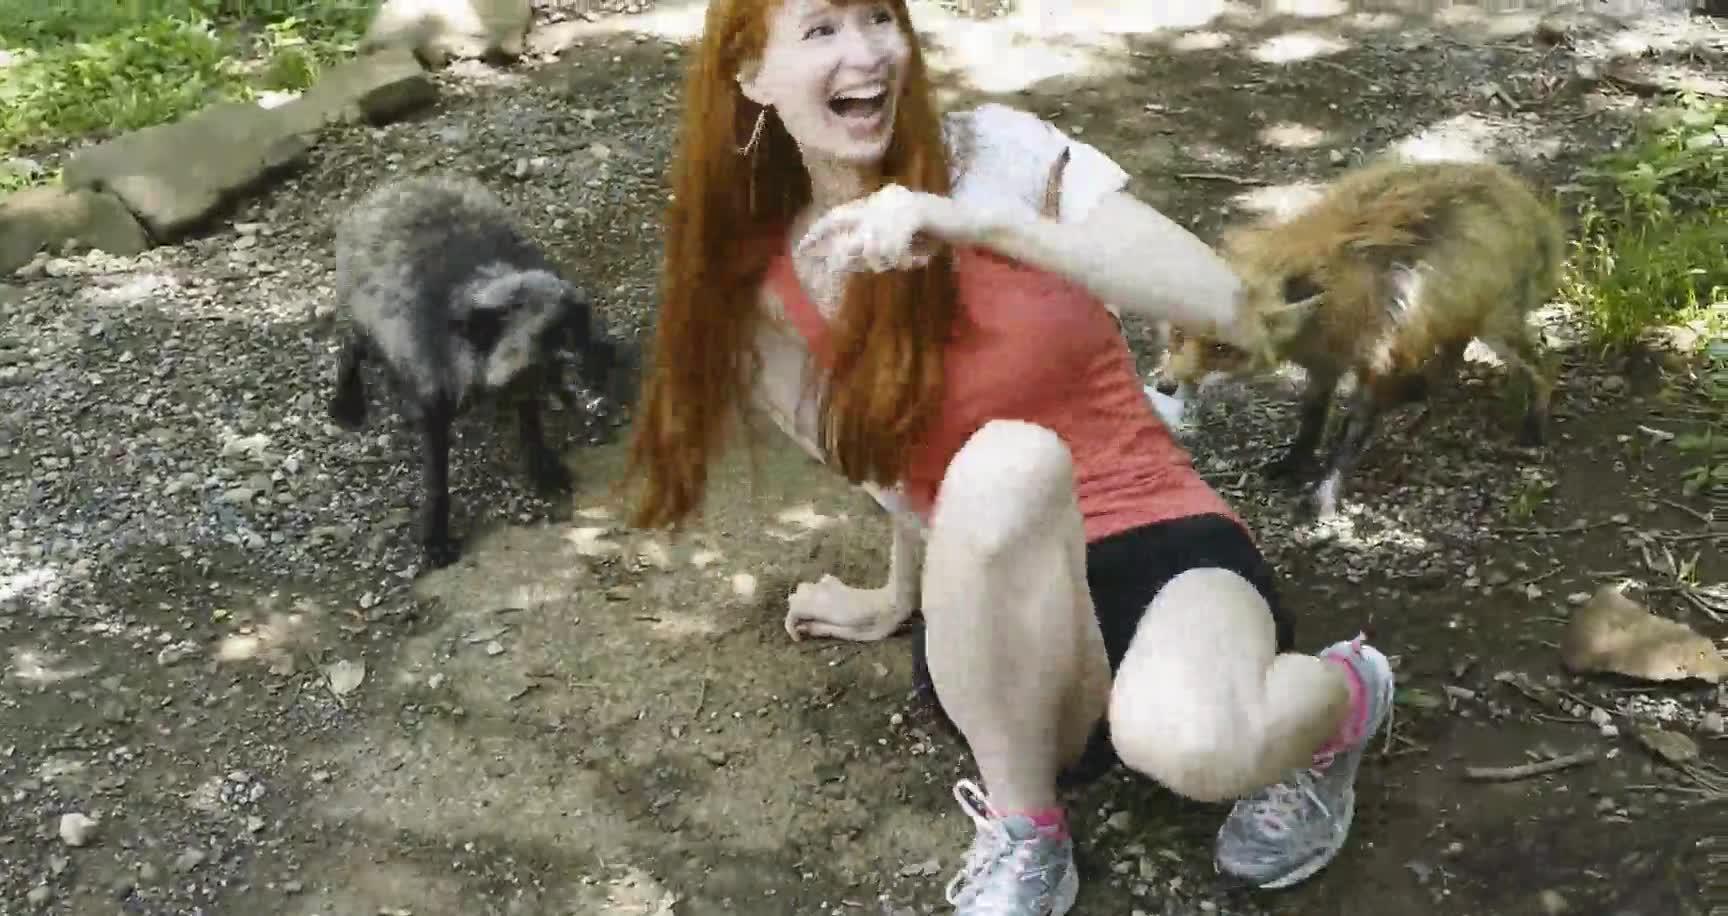 Enlace a La verdad es que esos zorros no parecen muy amigables